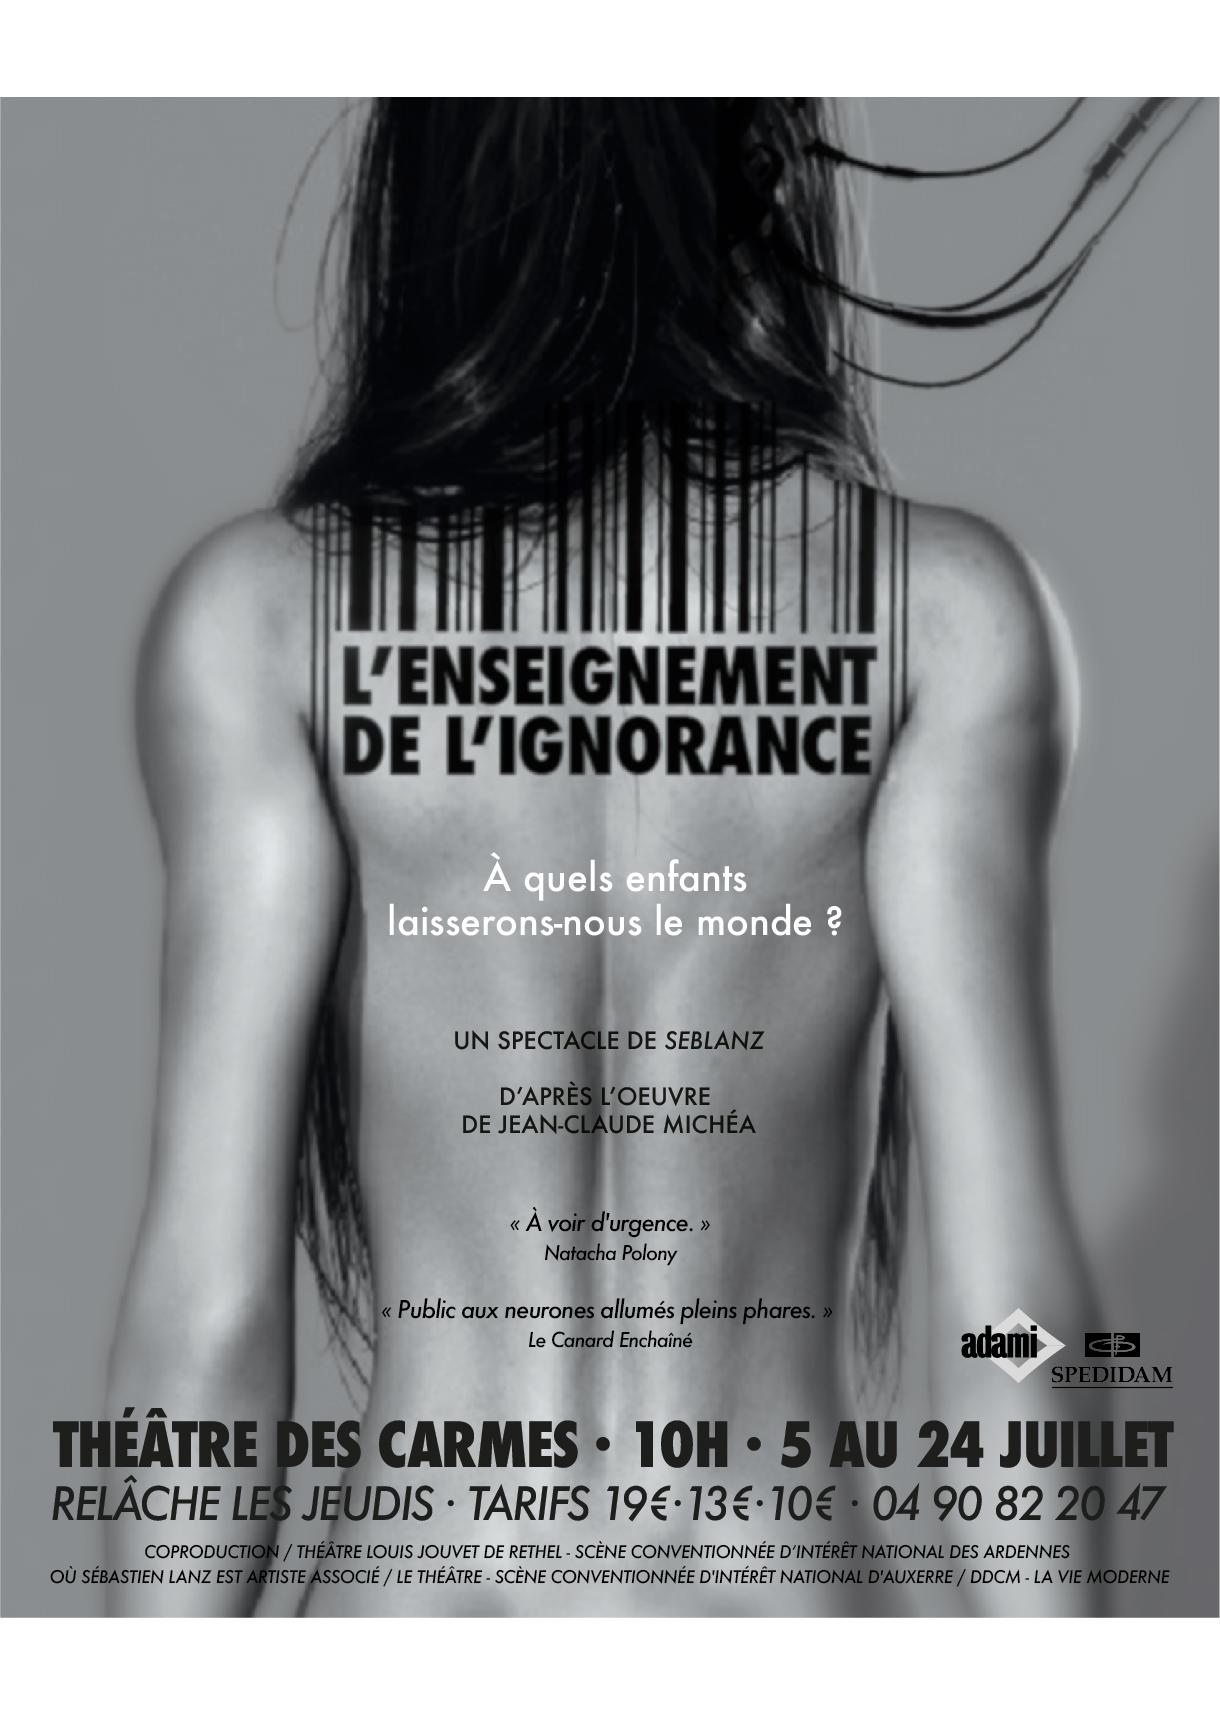 L'ENSEIGNEMENT DE L'IGNORANCE  – Théâtre des Carmes Avignon – 10h – Relâches les 11 et 18 juillet